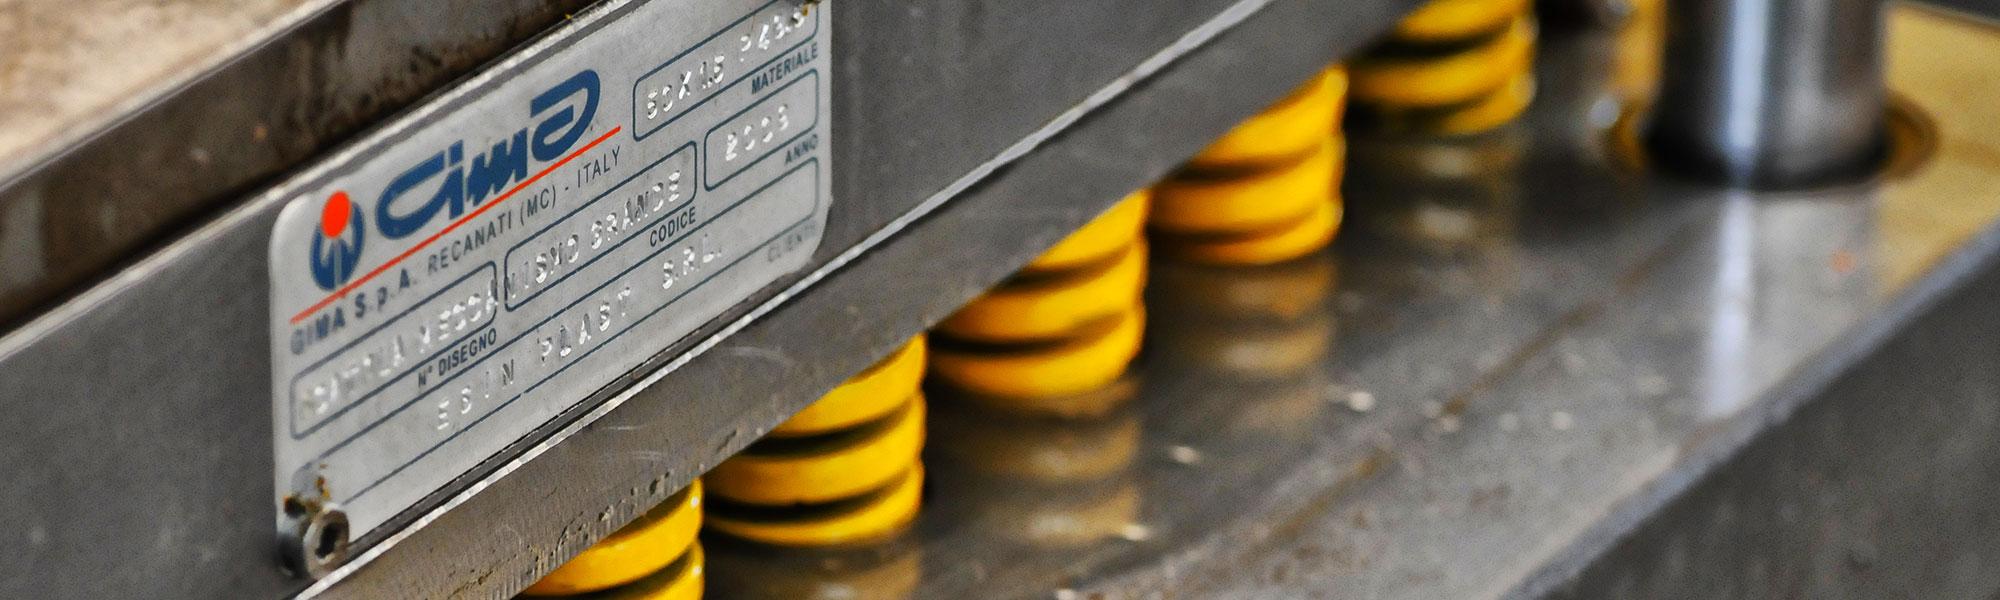 Costruzione e progettazione stampi metallo - Gima Spa